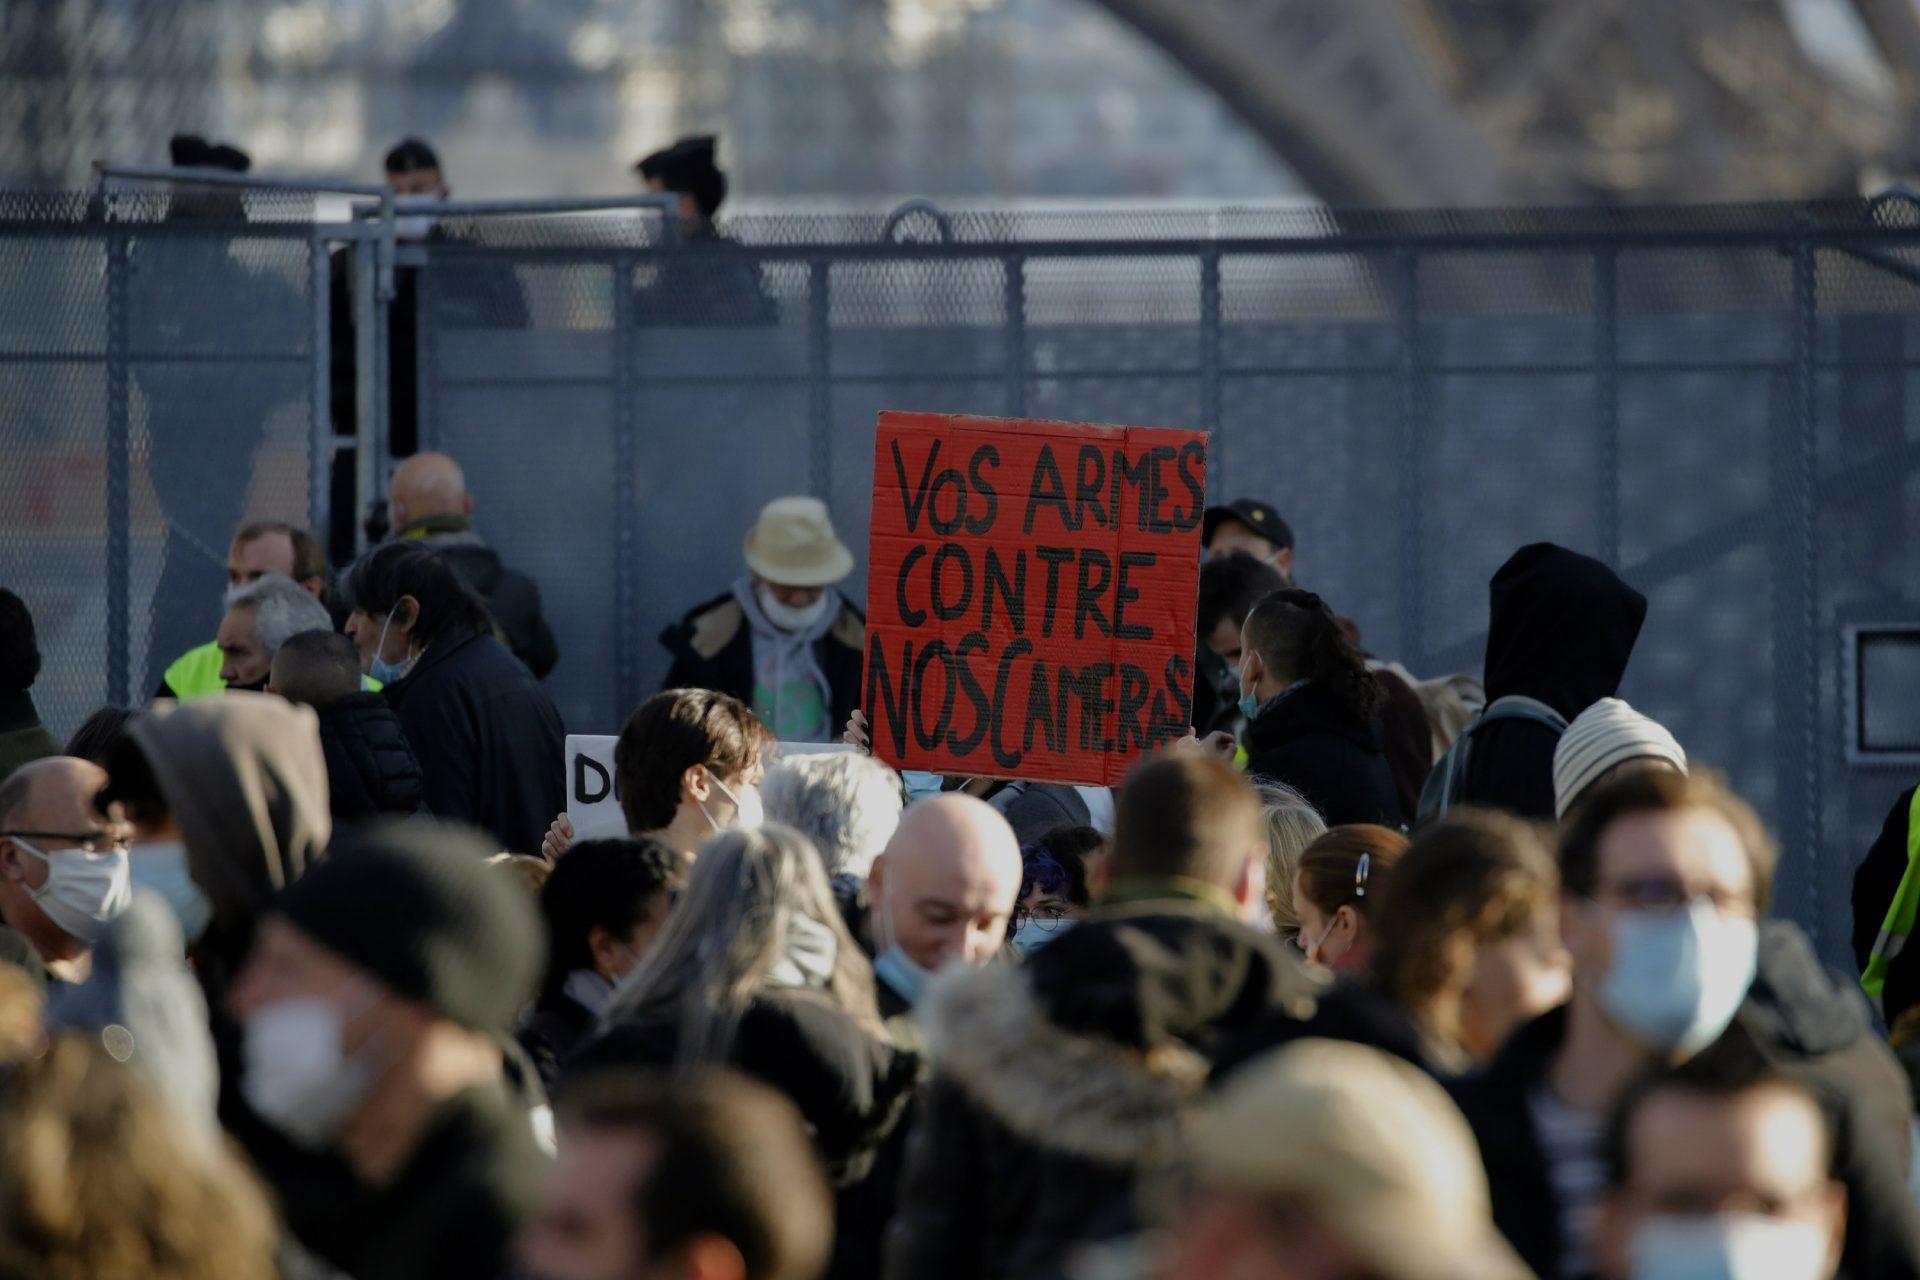 Difuzarea imaginilor cu polițiști ar putea deveni ilegală în Franța. Proiectul de lege, denunțat de jurnaliști